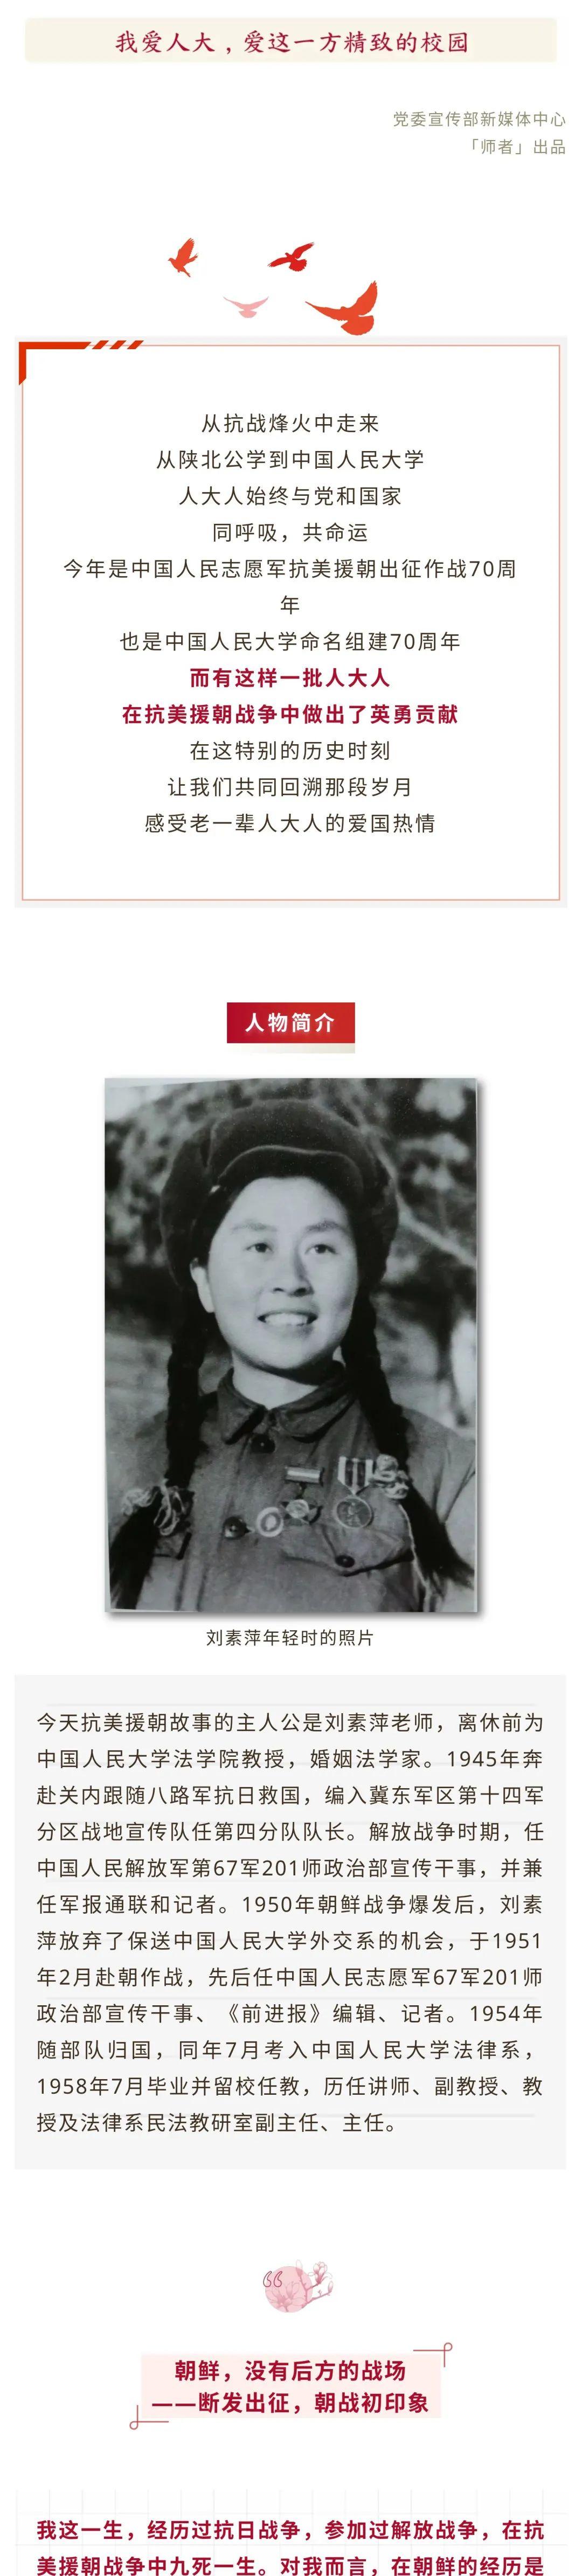 致敬最可爱的人,抗美援朝战场上的人大人② ——刘素萍老师图片